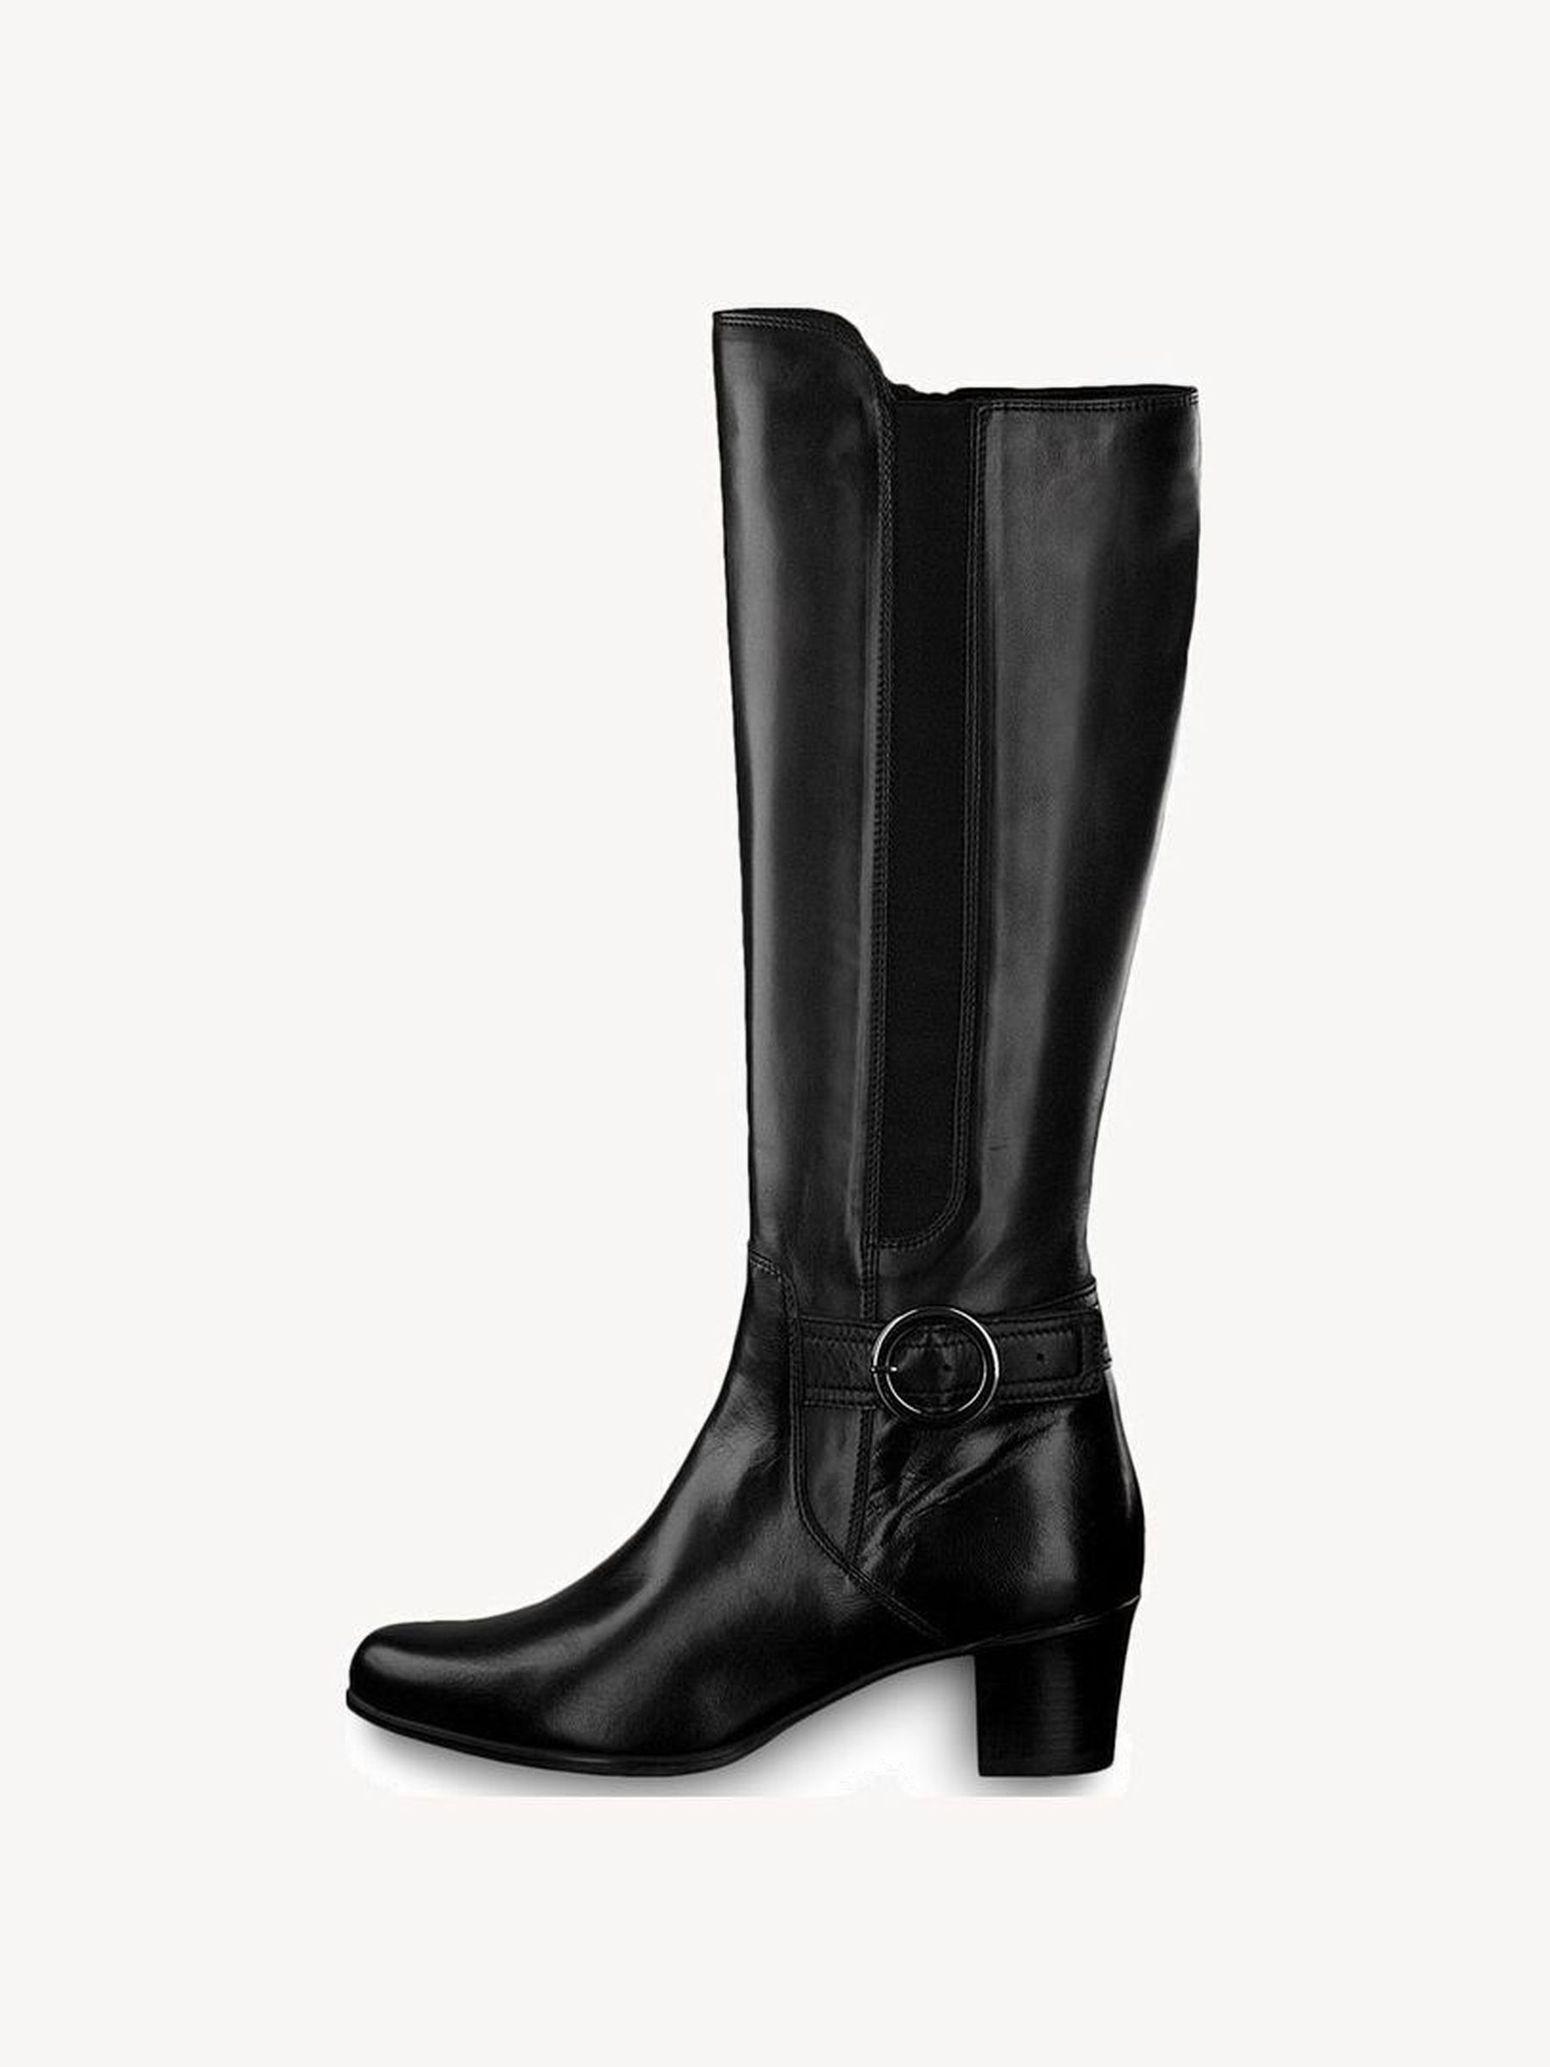 Tamaris Stiefel schwarz mit Schnalle Gr 38 wie Neu